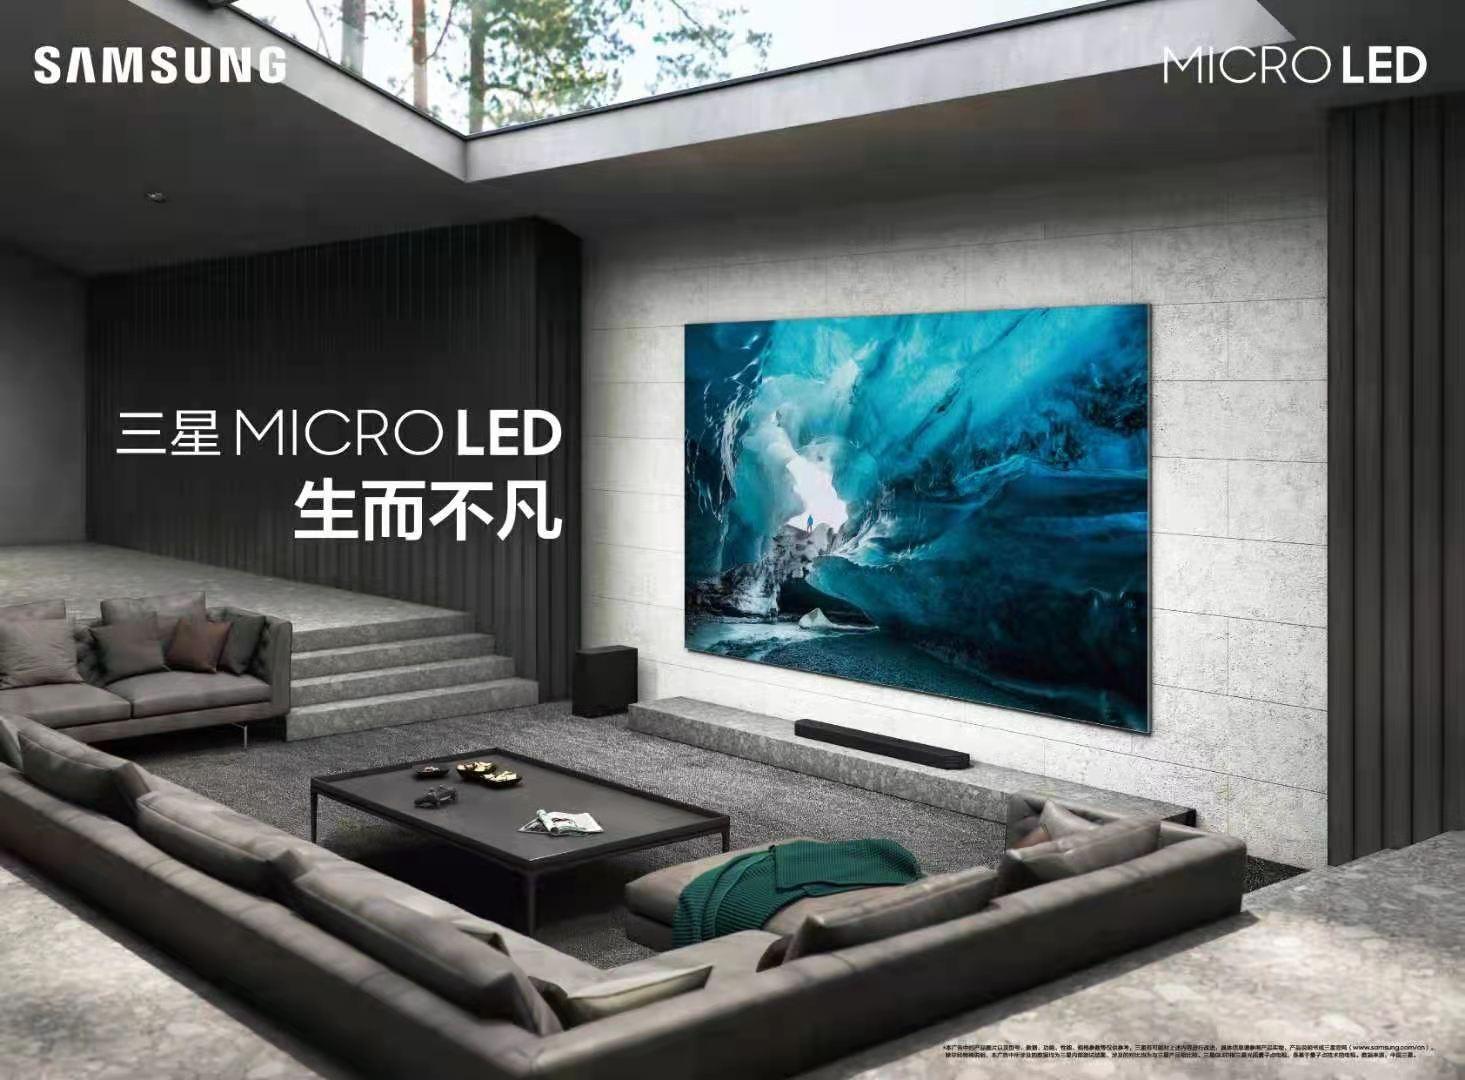 三星Micro LED即将走入家庭 三星尖端产品带来非凡视听体验